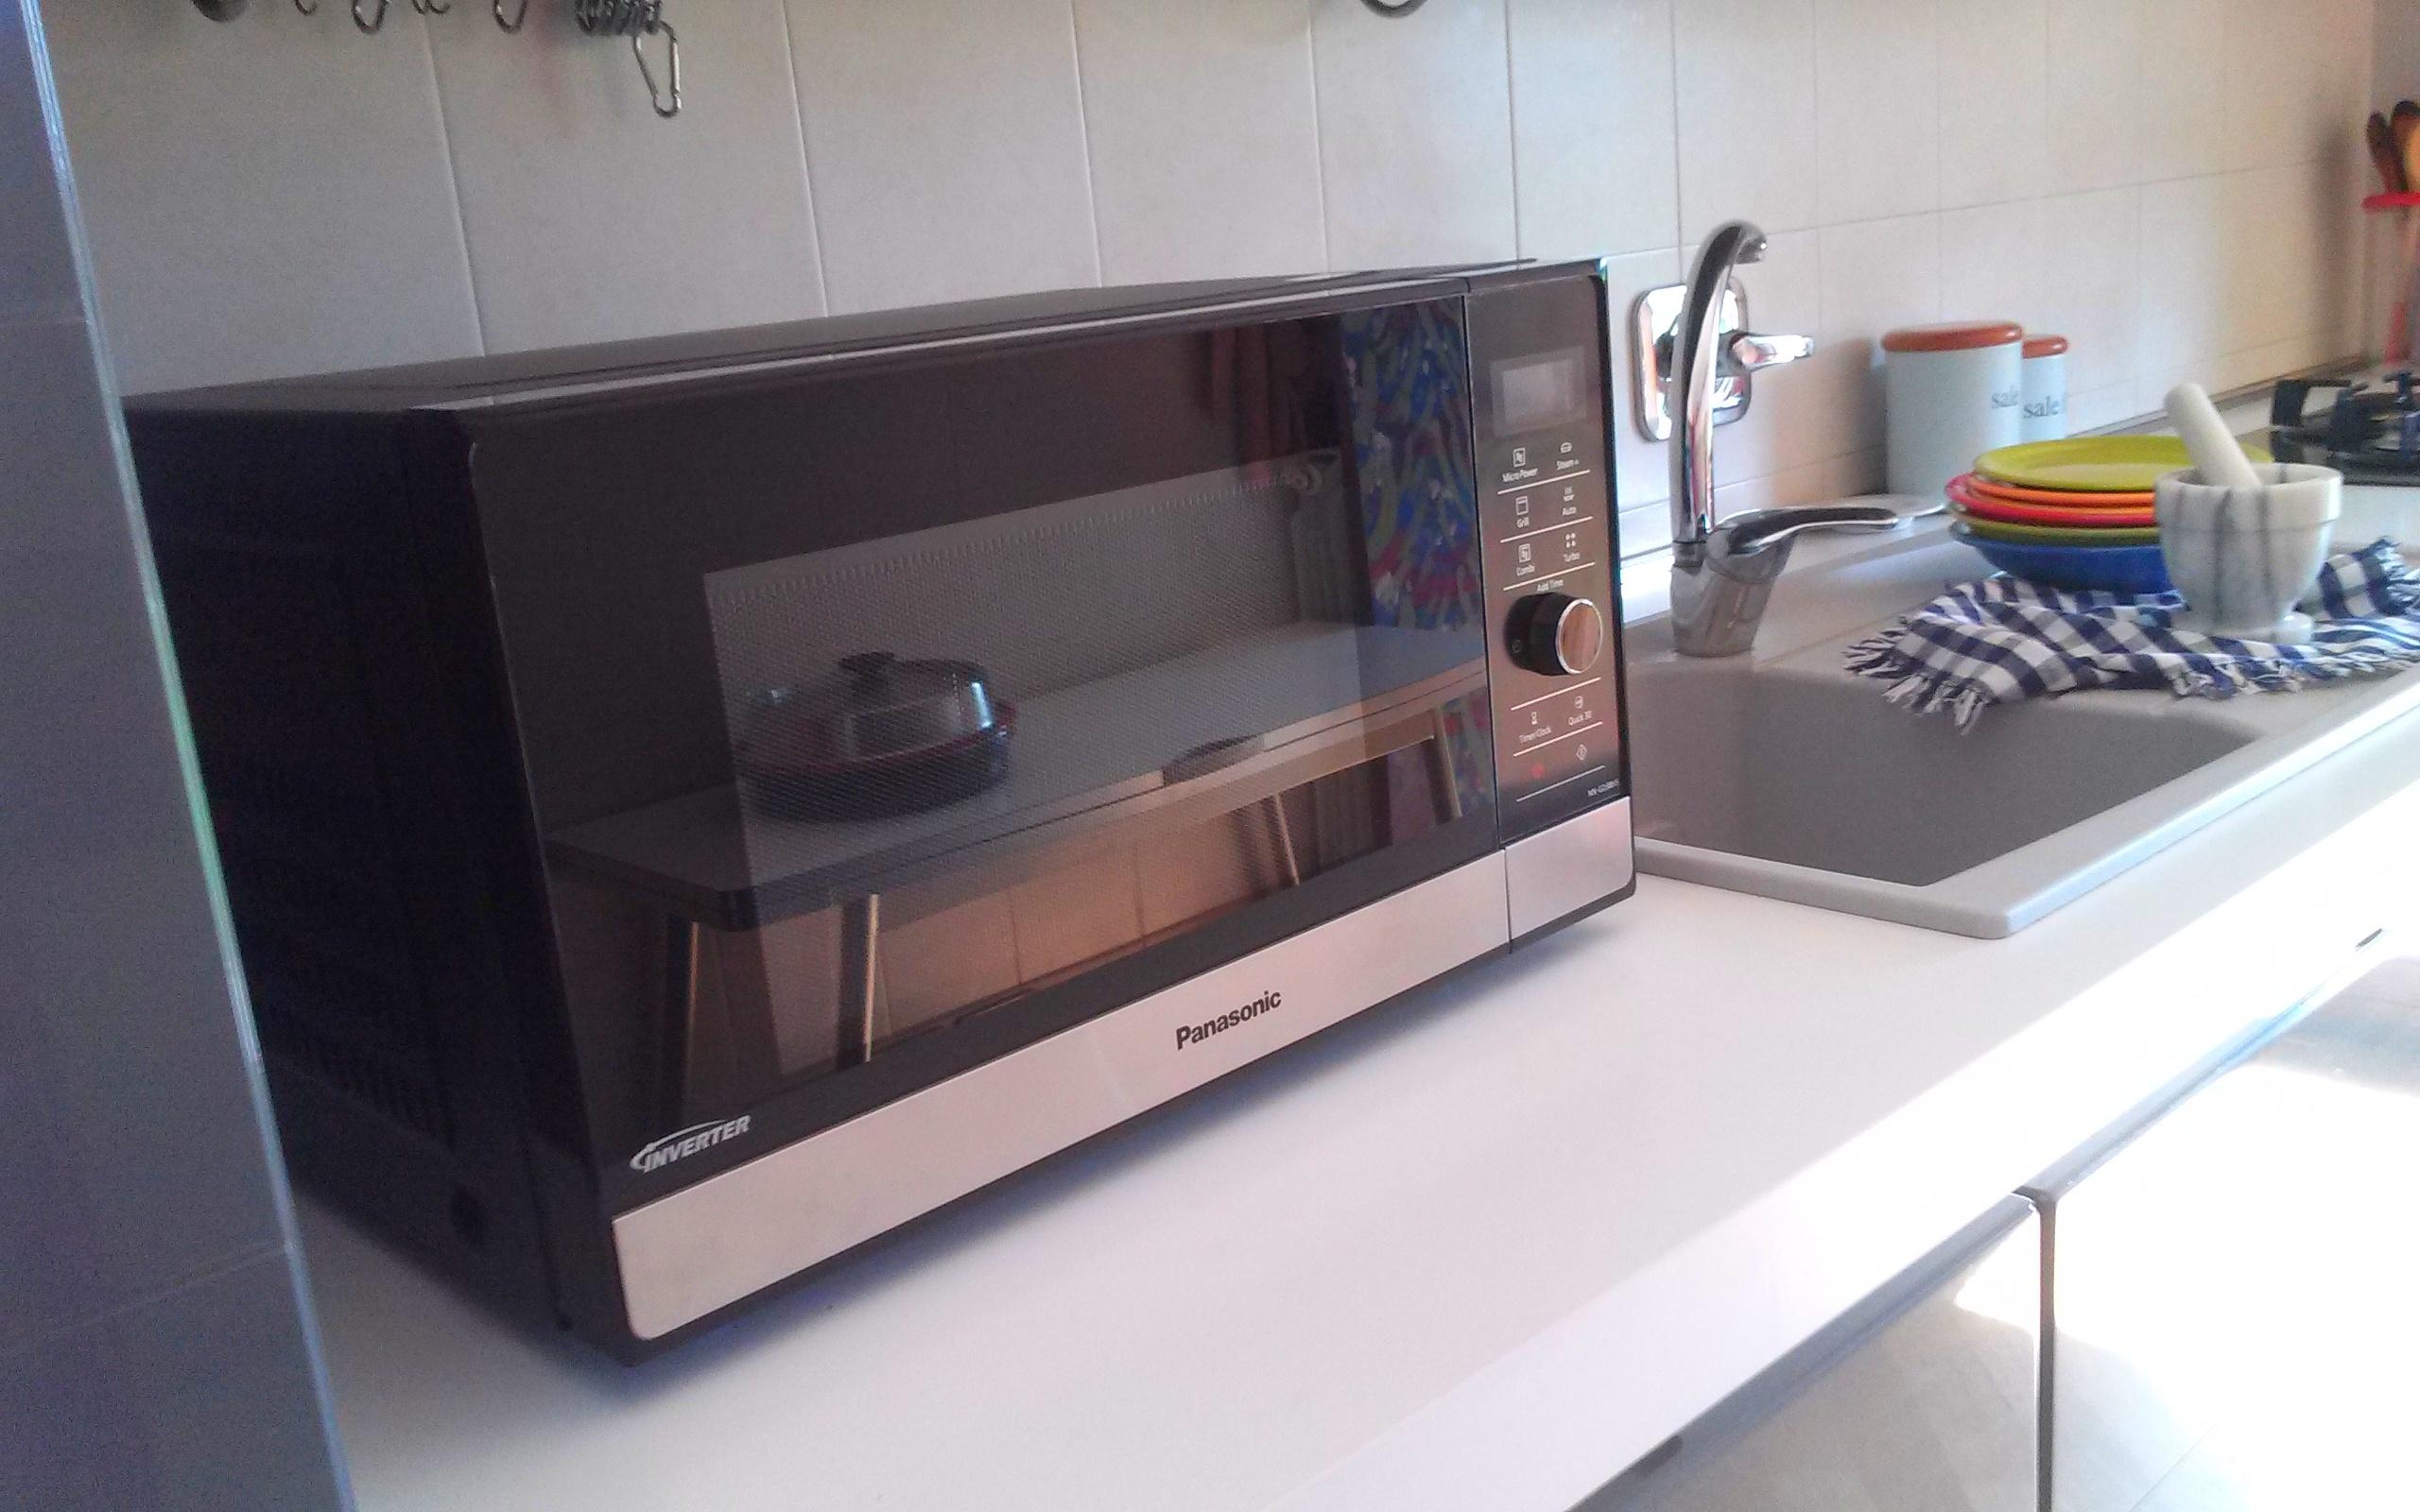 Credenza Per Microonde : Il pi piccolo forno a microonde. stunning le icone luminose i tasti